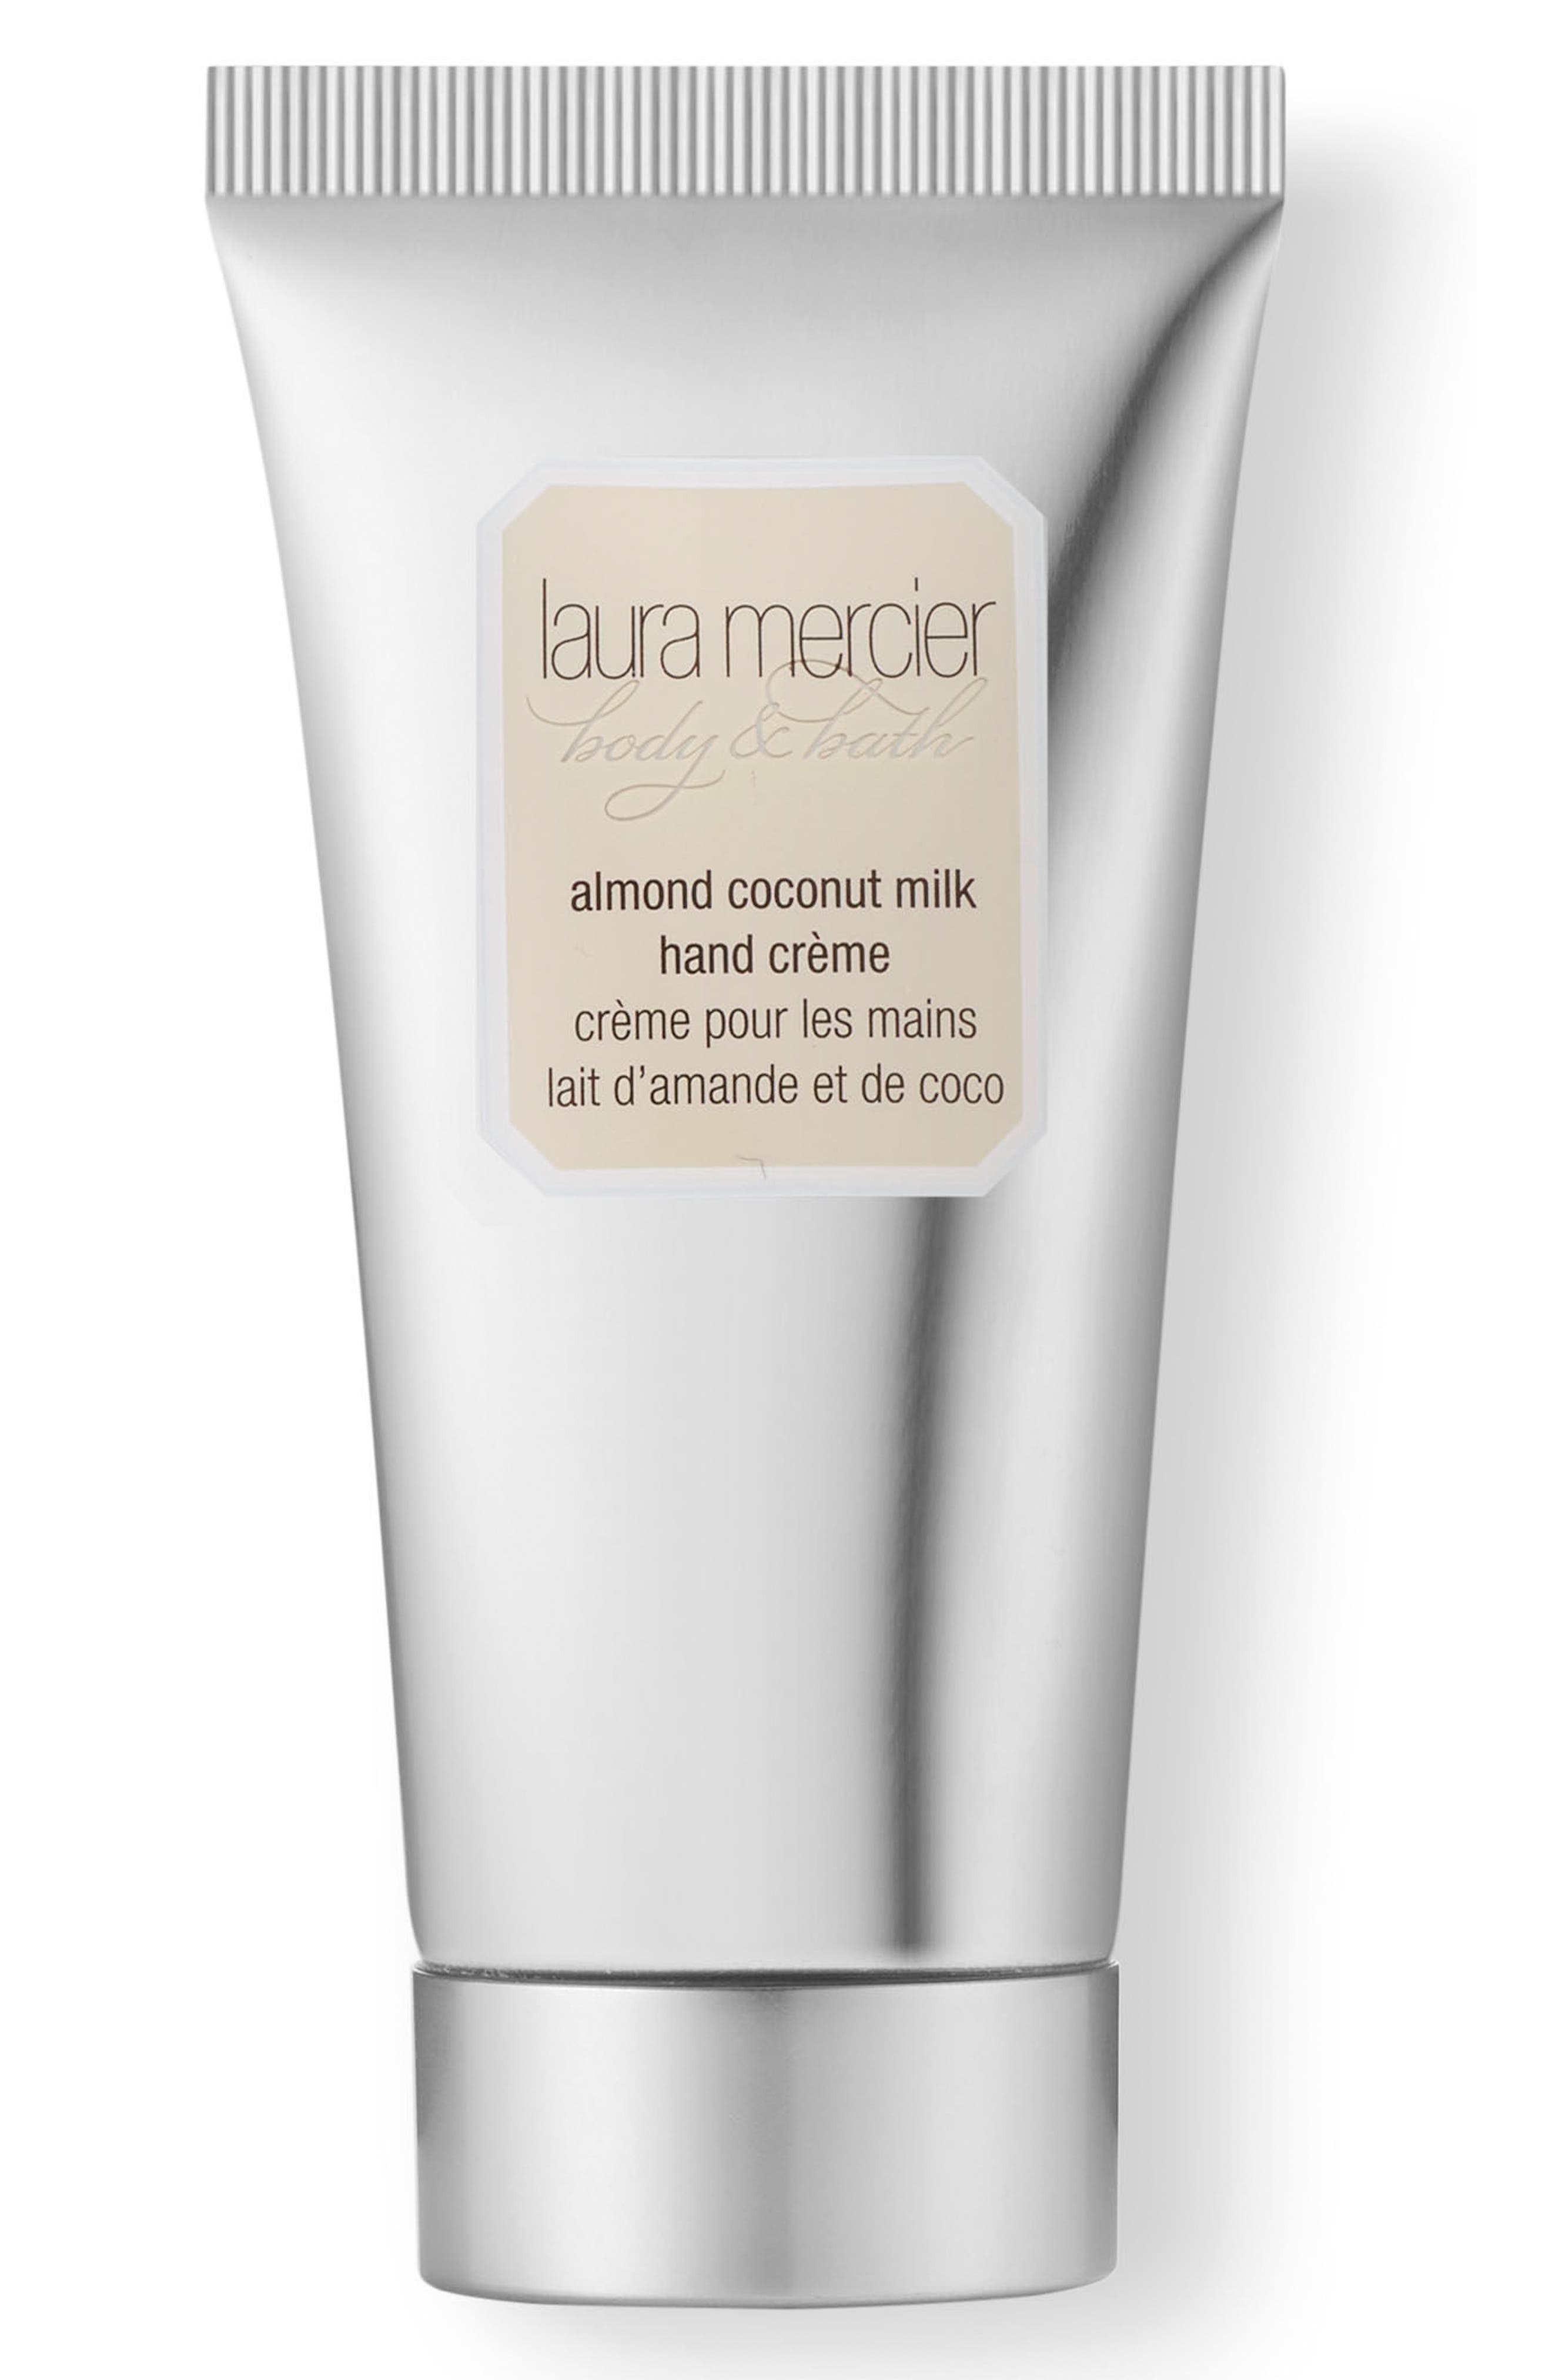 Laura Mercier 'Almond Coconut Milk' Hand Crème